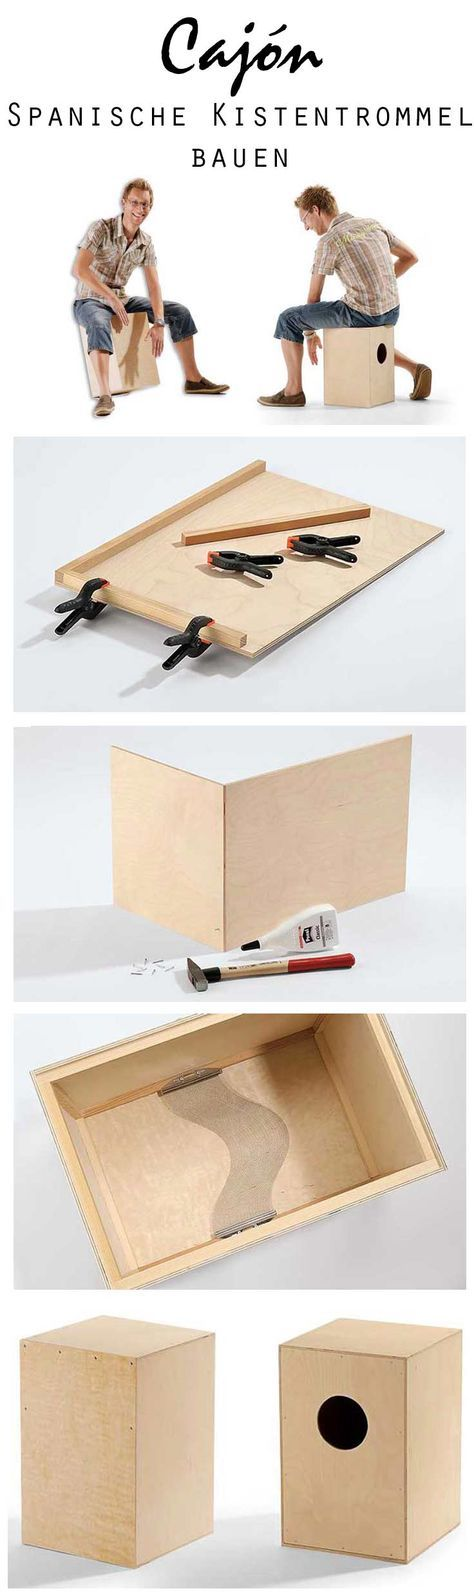 die besten 25 trommel basteln ideen auf pinterest instrumente basteln mach dein eigenes. Black Bedroom Furniture Sets. Home Design Ideas